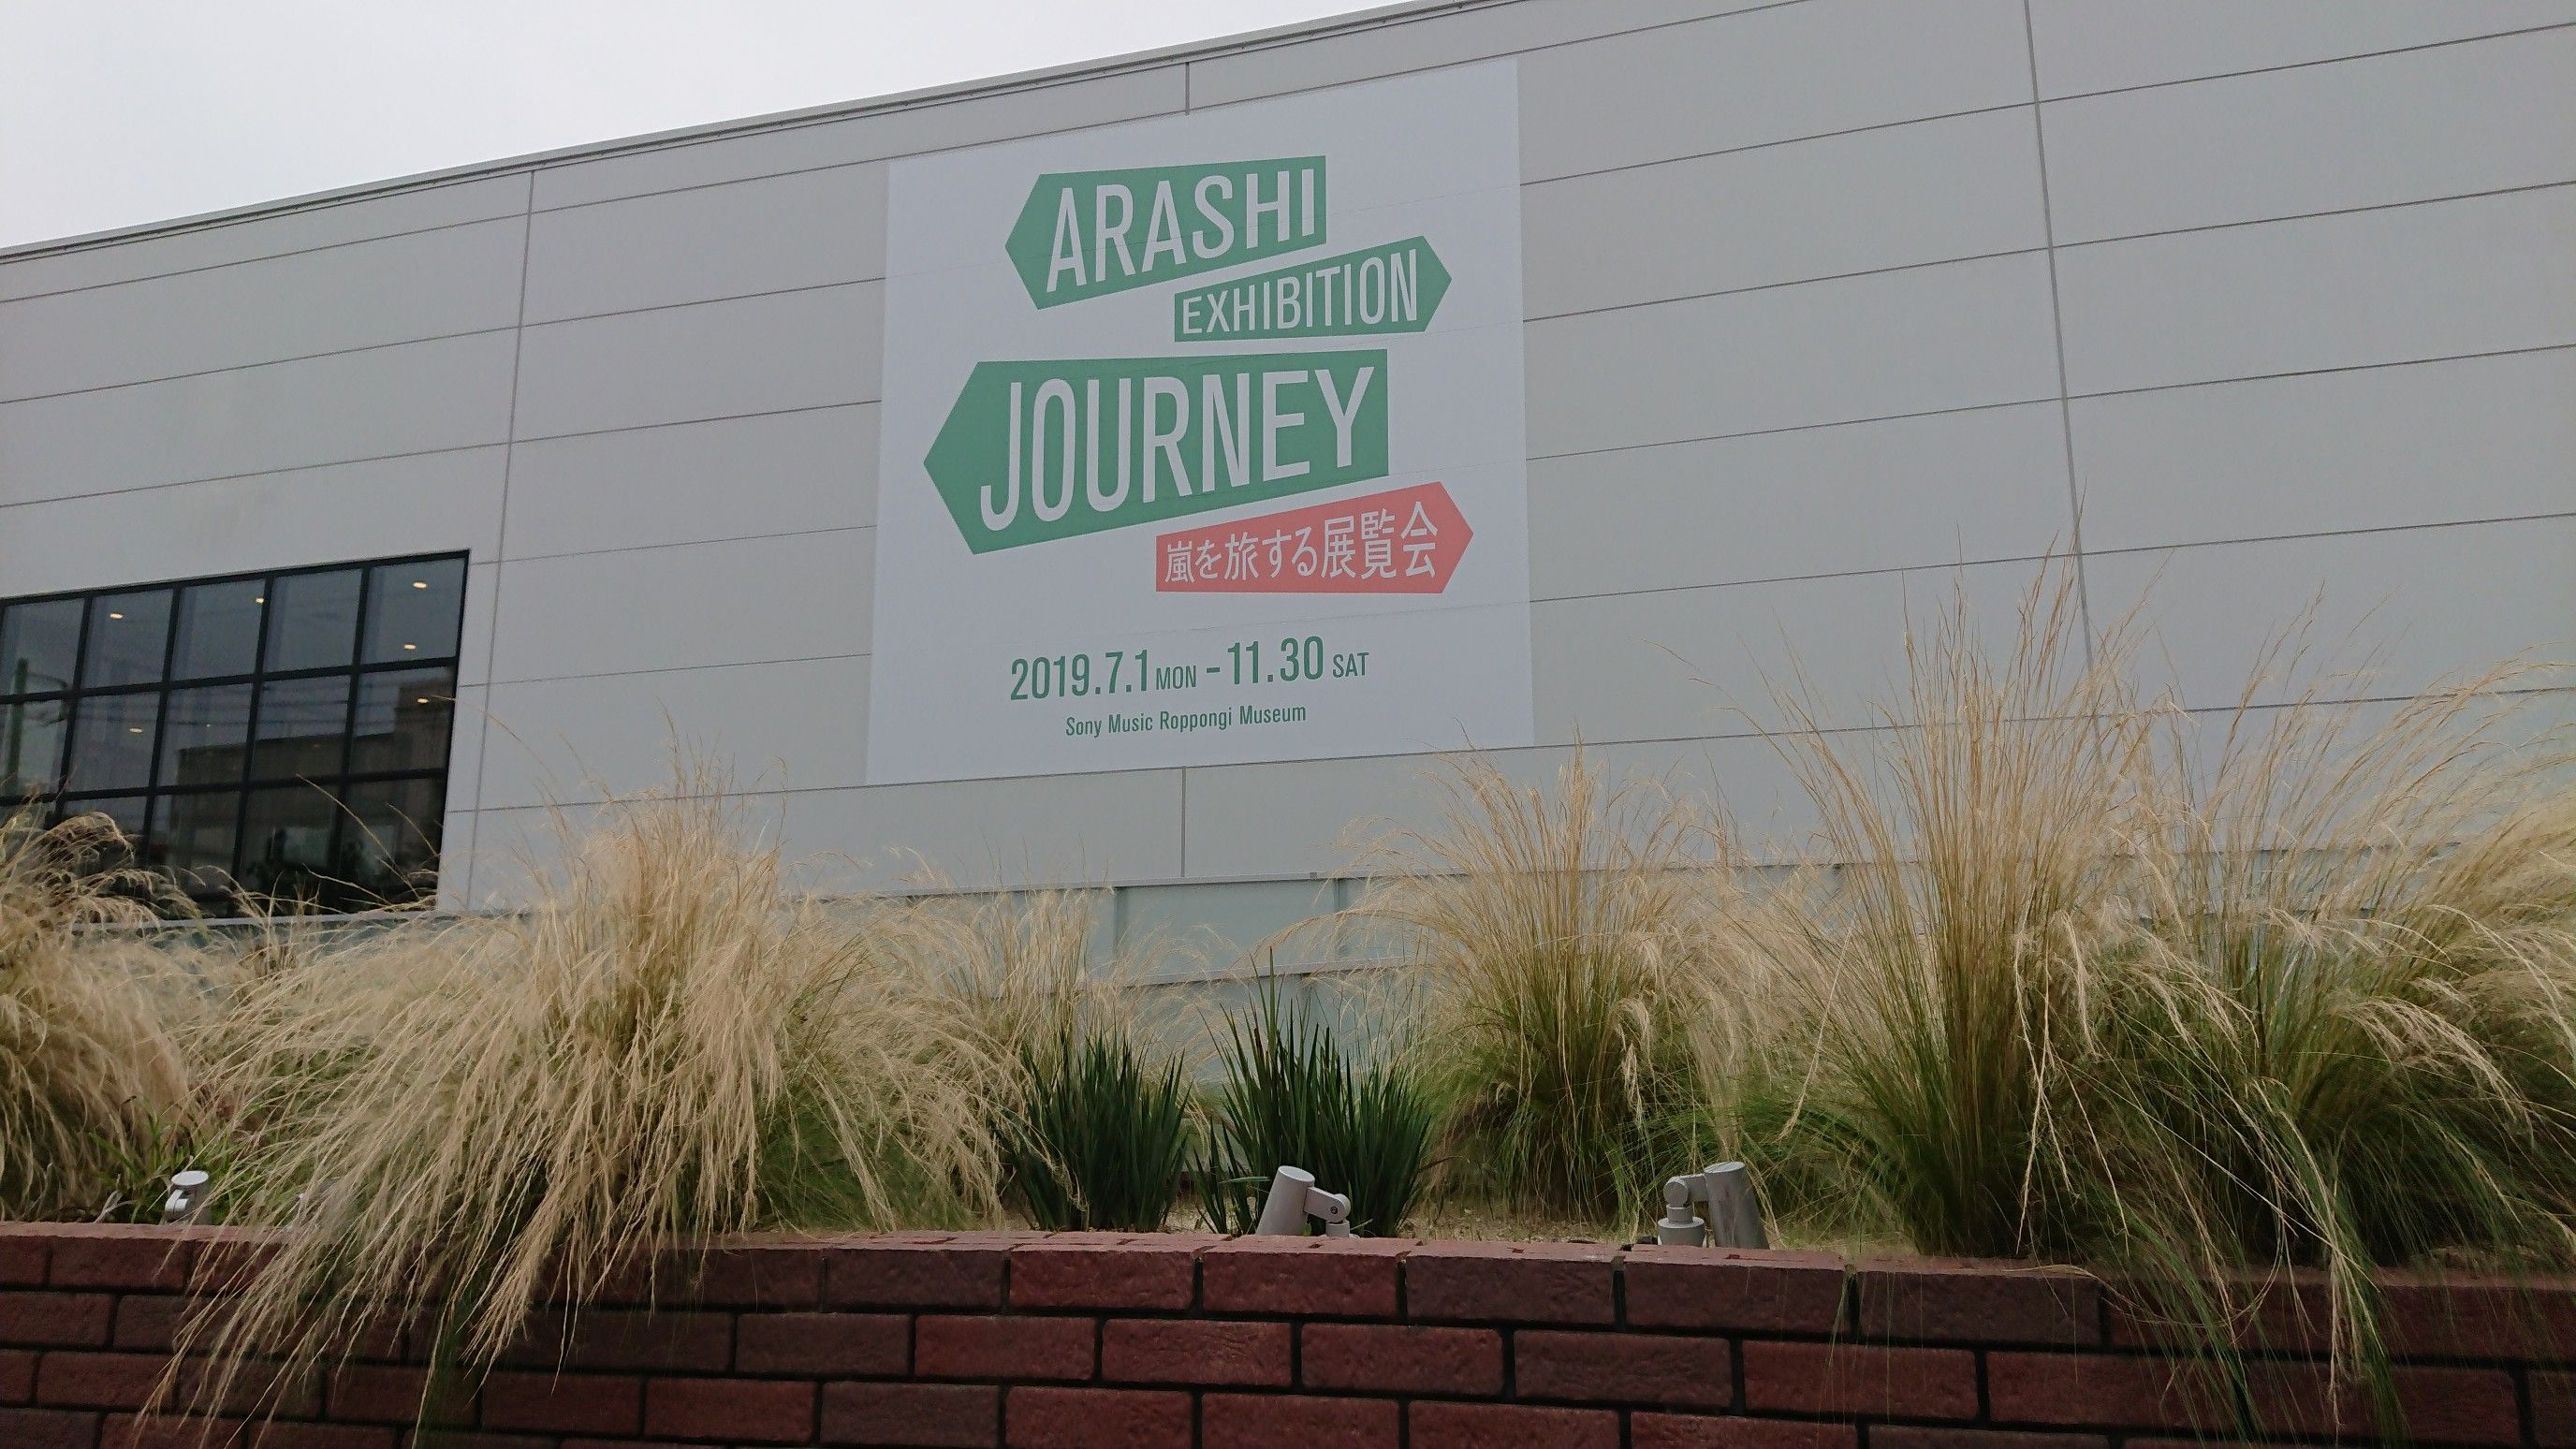 嵐 を 旅 する 展覧 会